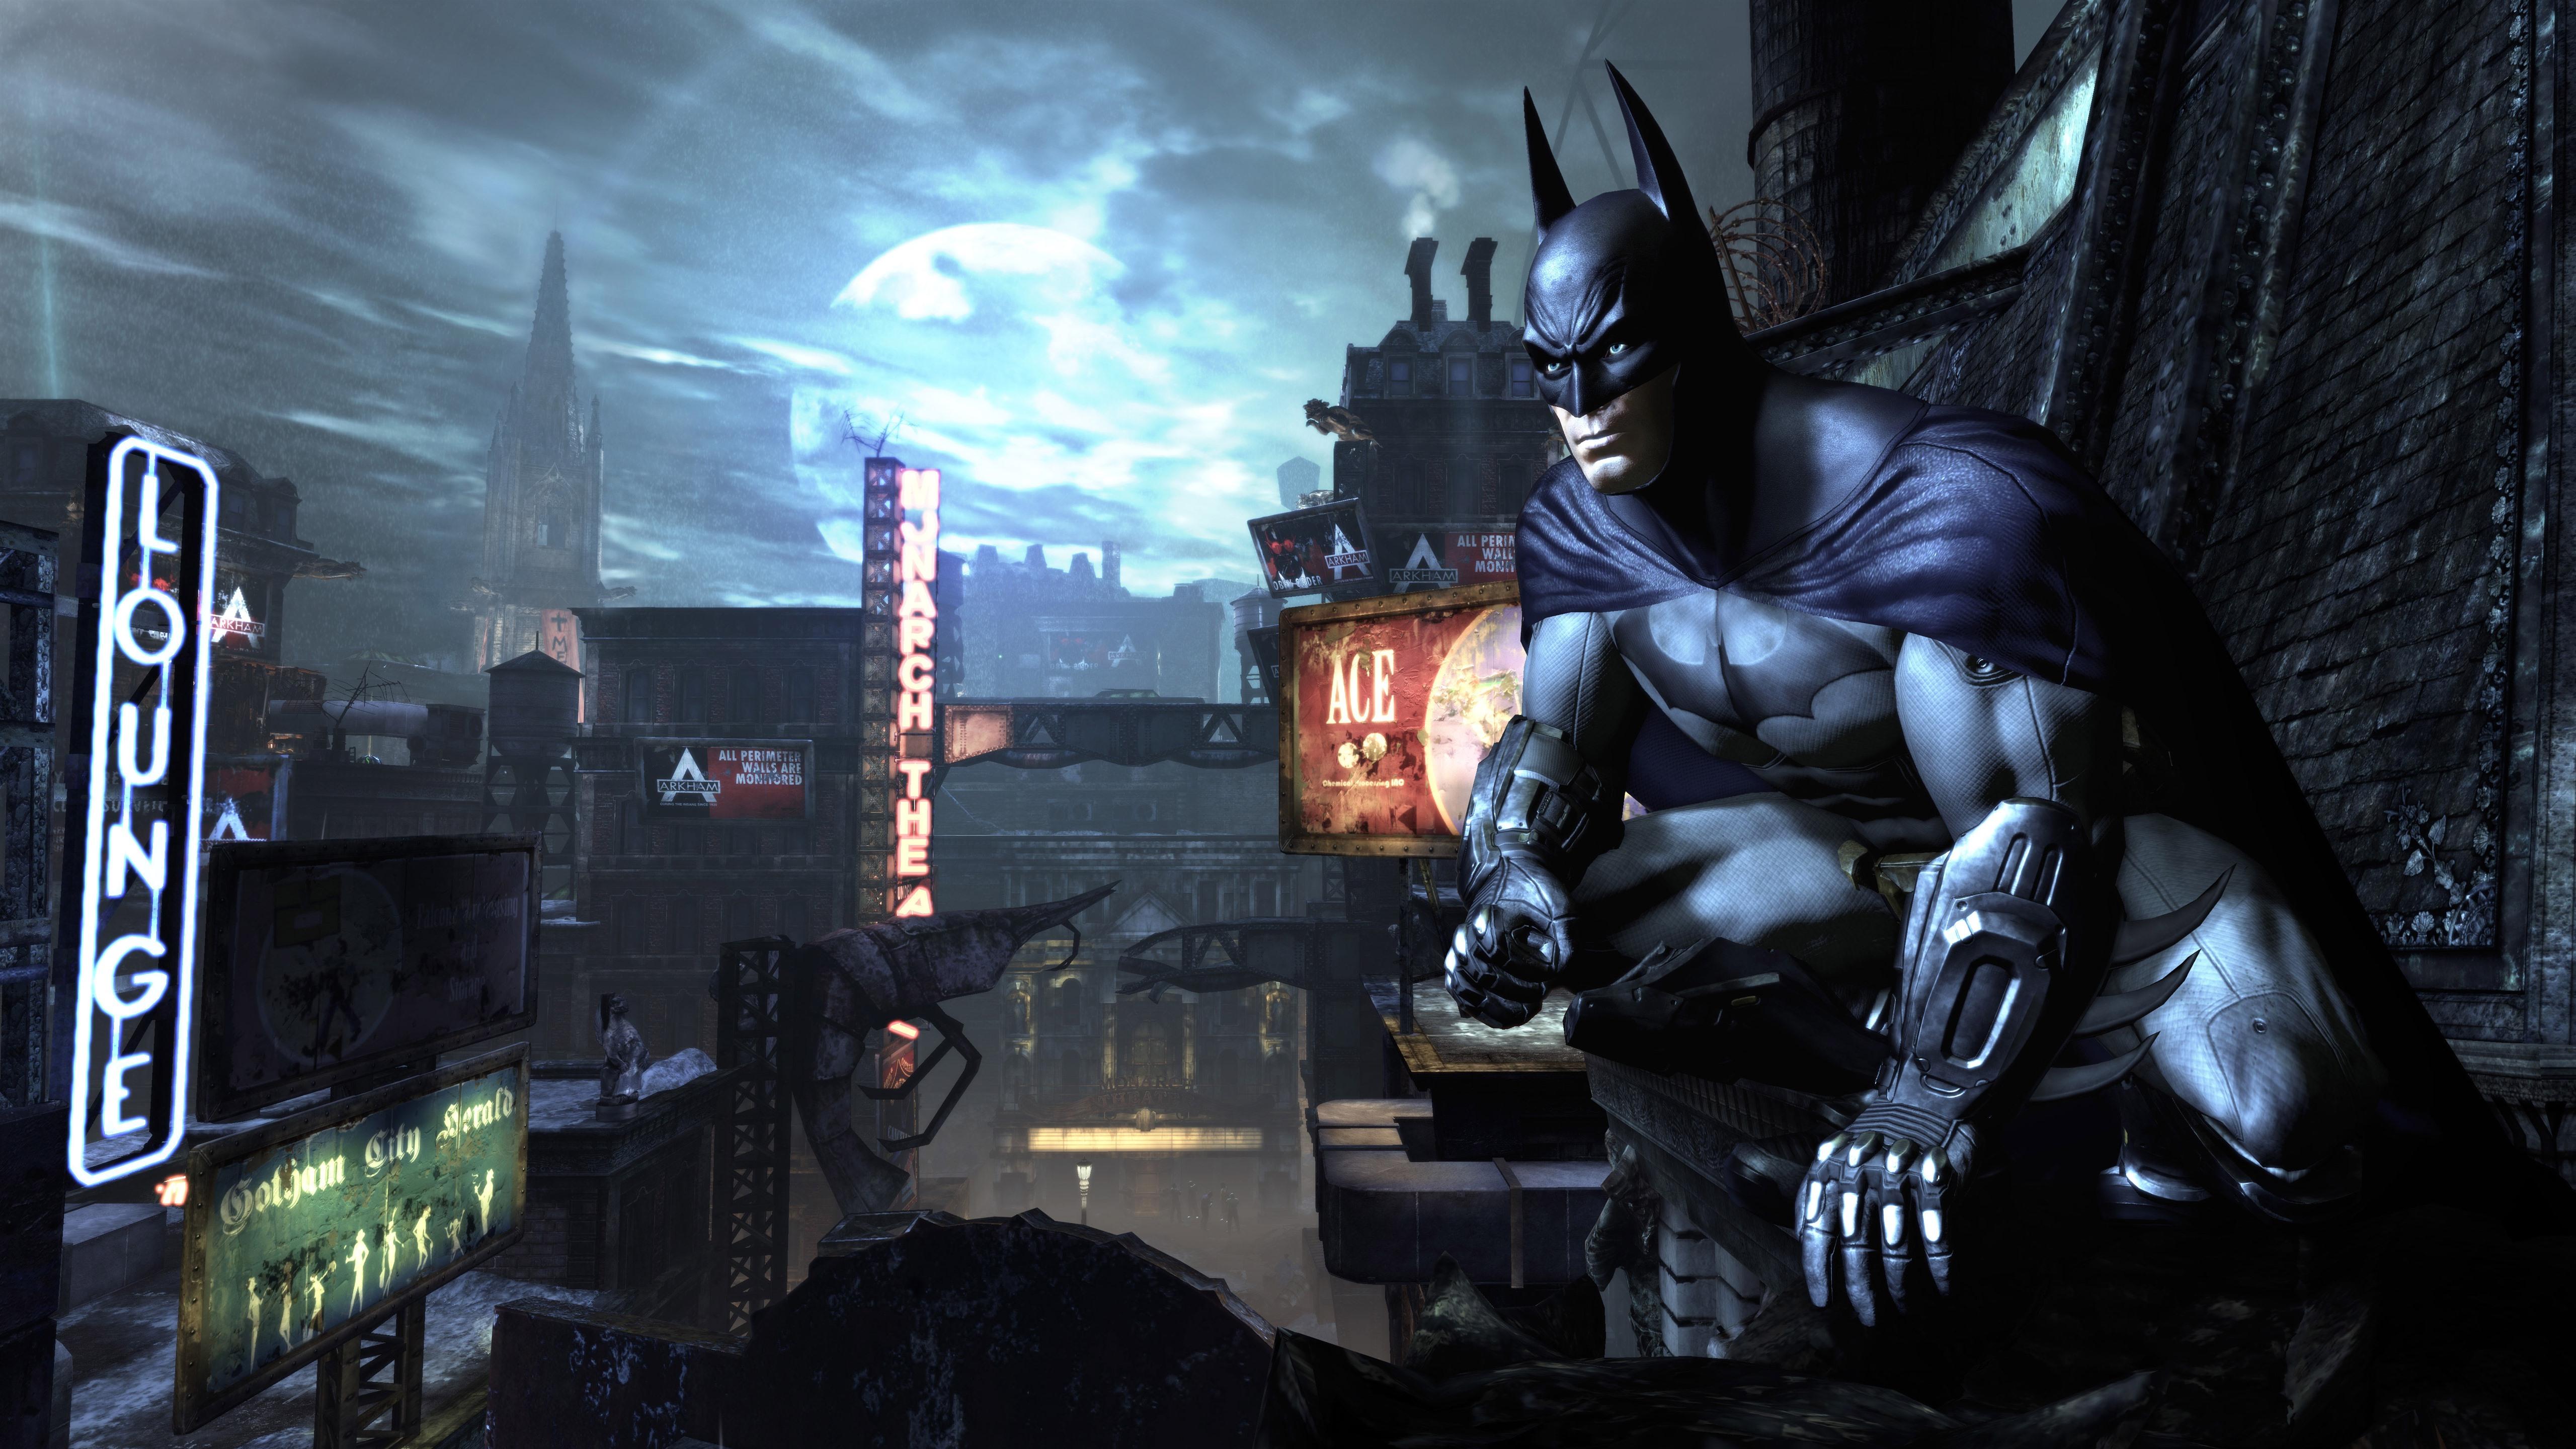 壁紙 バットマン 都市 夜 Pc ゲーム 5120x2880 Uhd 5k 無料の